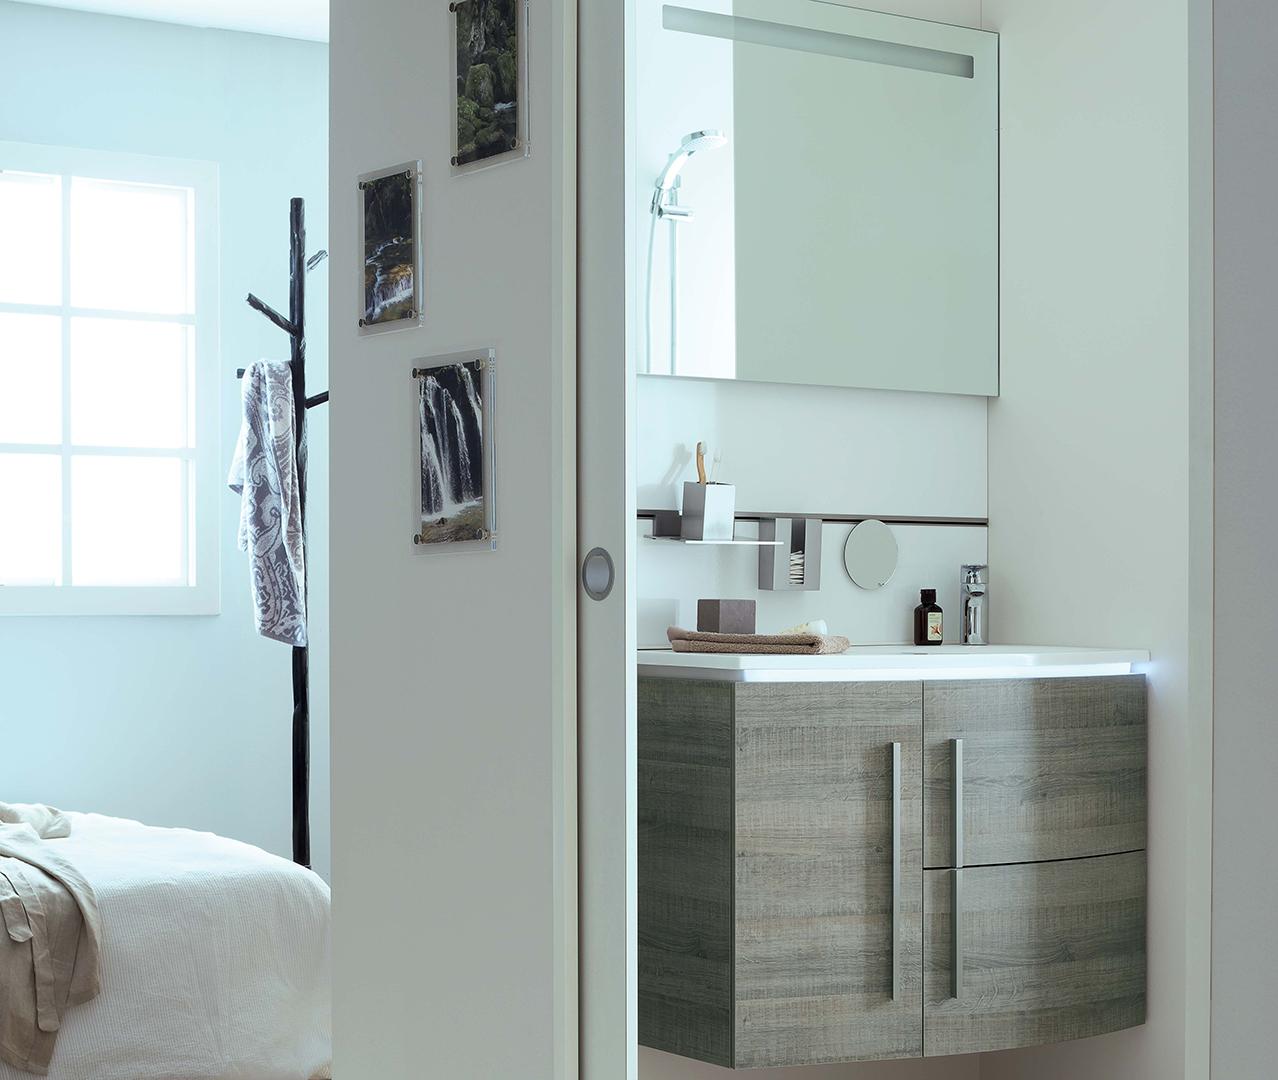 Gamme soon meuble salle de bain original sanijura for Configurer une salle de bain